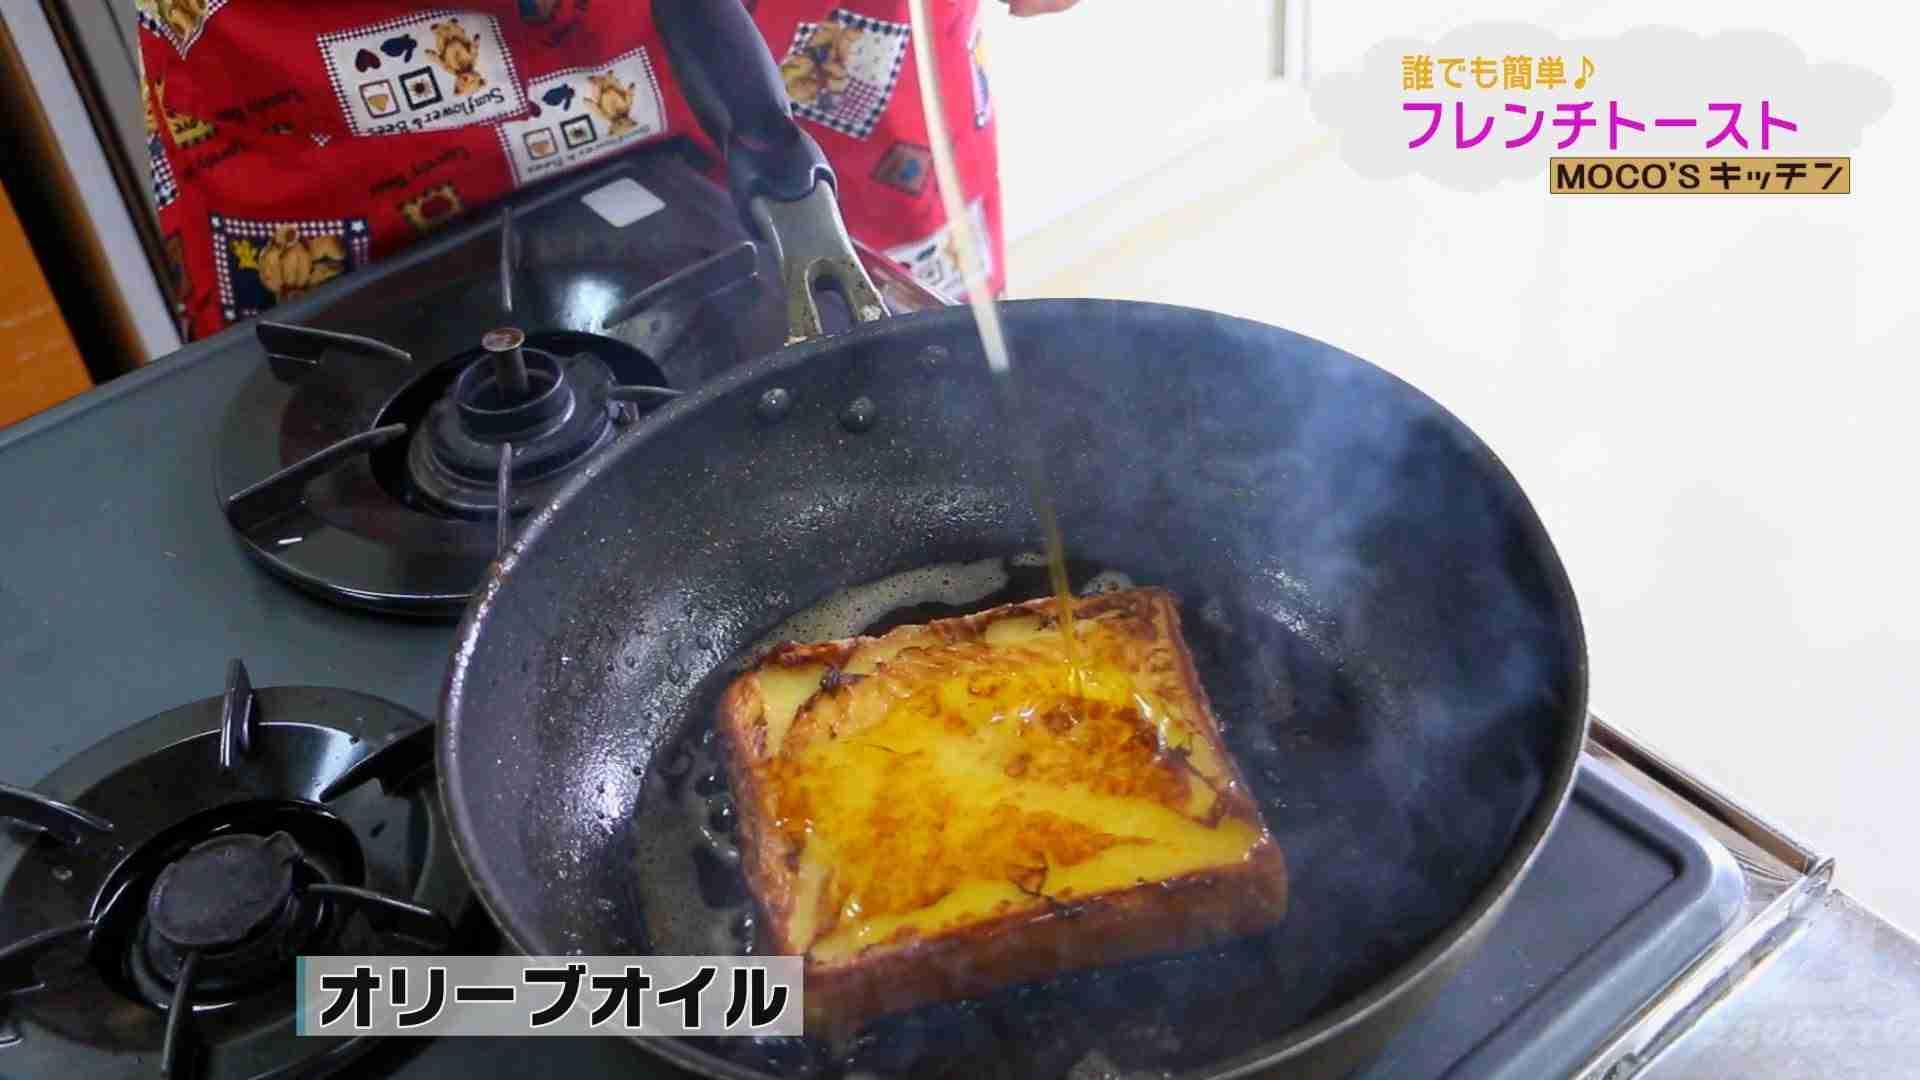 モコズキッチン?7 オリーブオイル大量投下フレンチトースト - YouTube